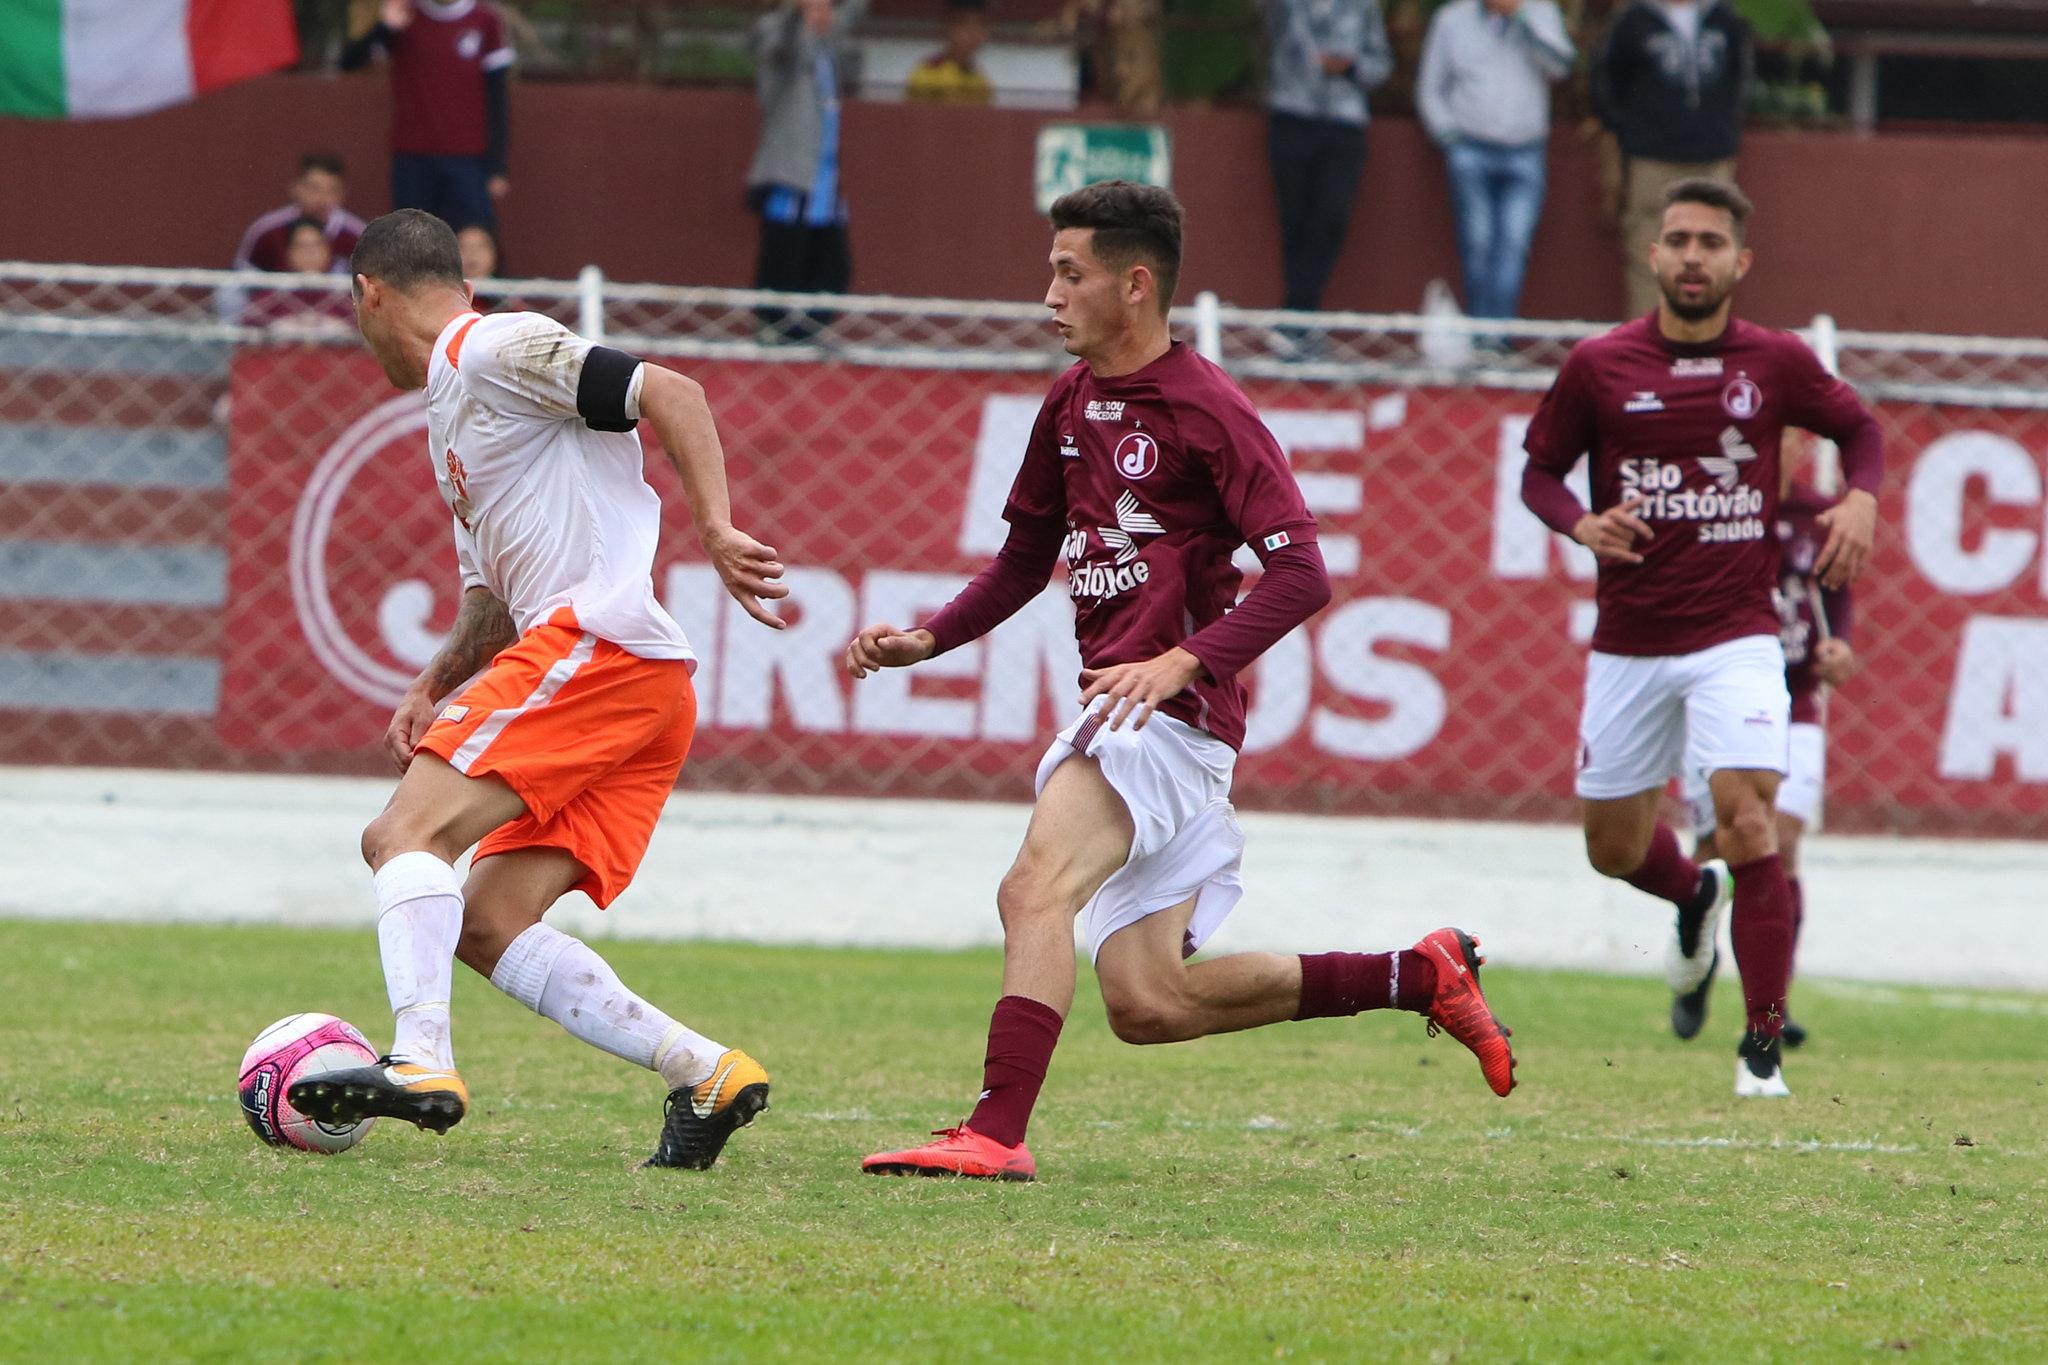 Portuga – Rodada 1 – Copa Paulista 2018 – Marcelo Germano